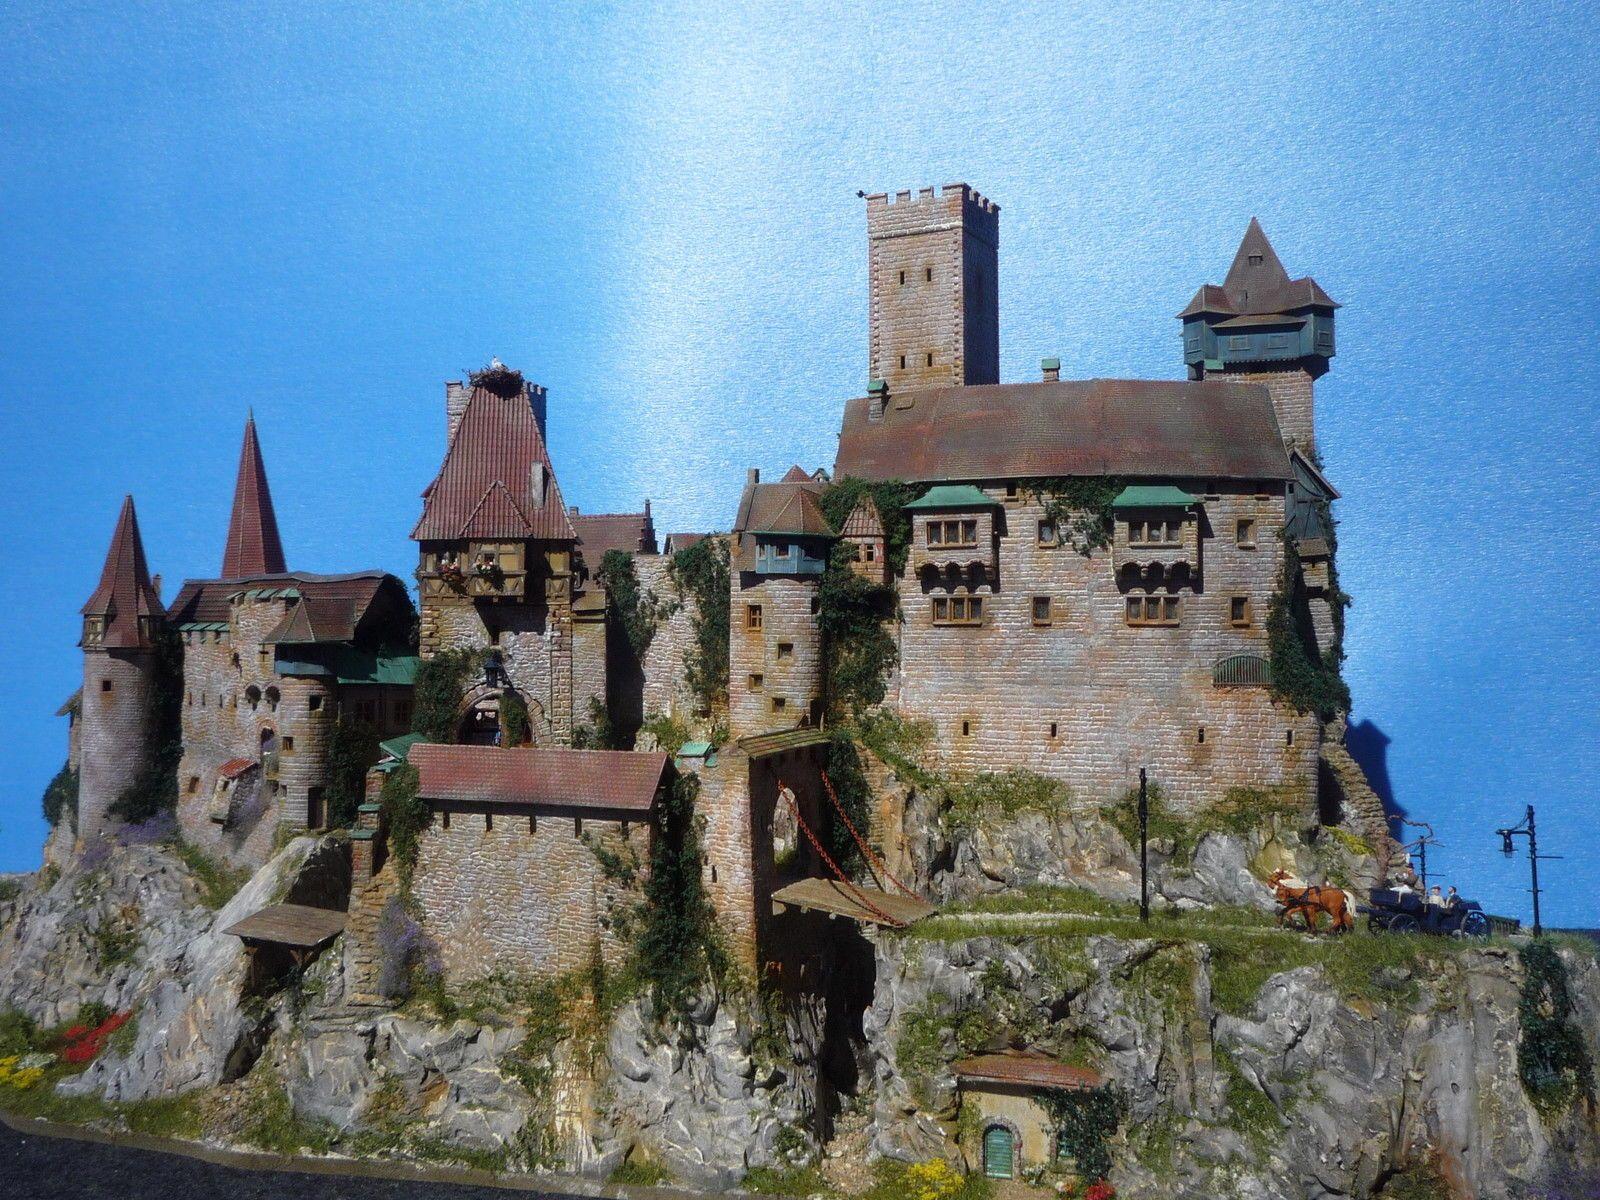 Diorama Castle Burg Schloss Elbenwald Patiniert Beleuchtung Kutsche Ebay Burg Diorama Schloss